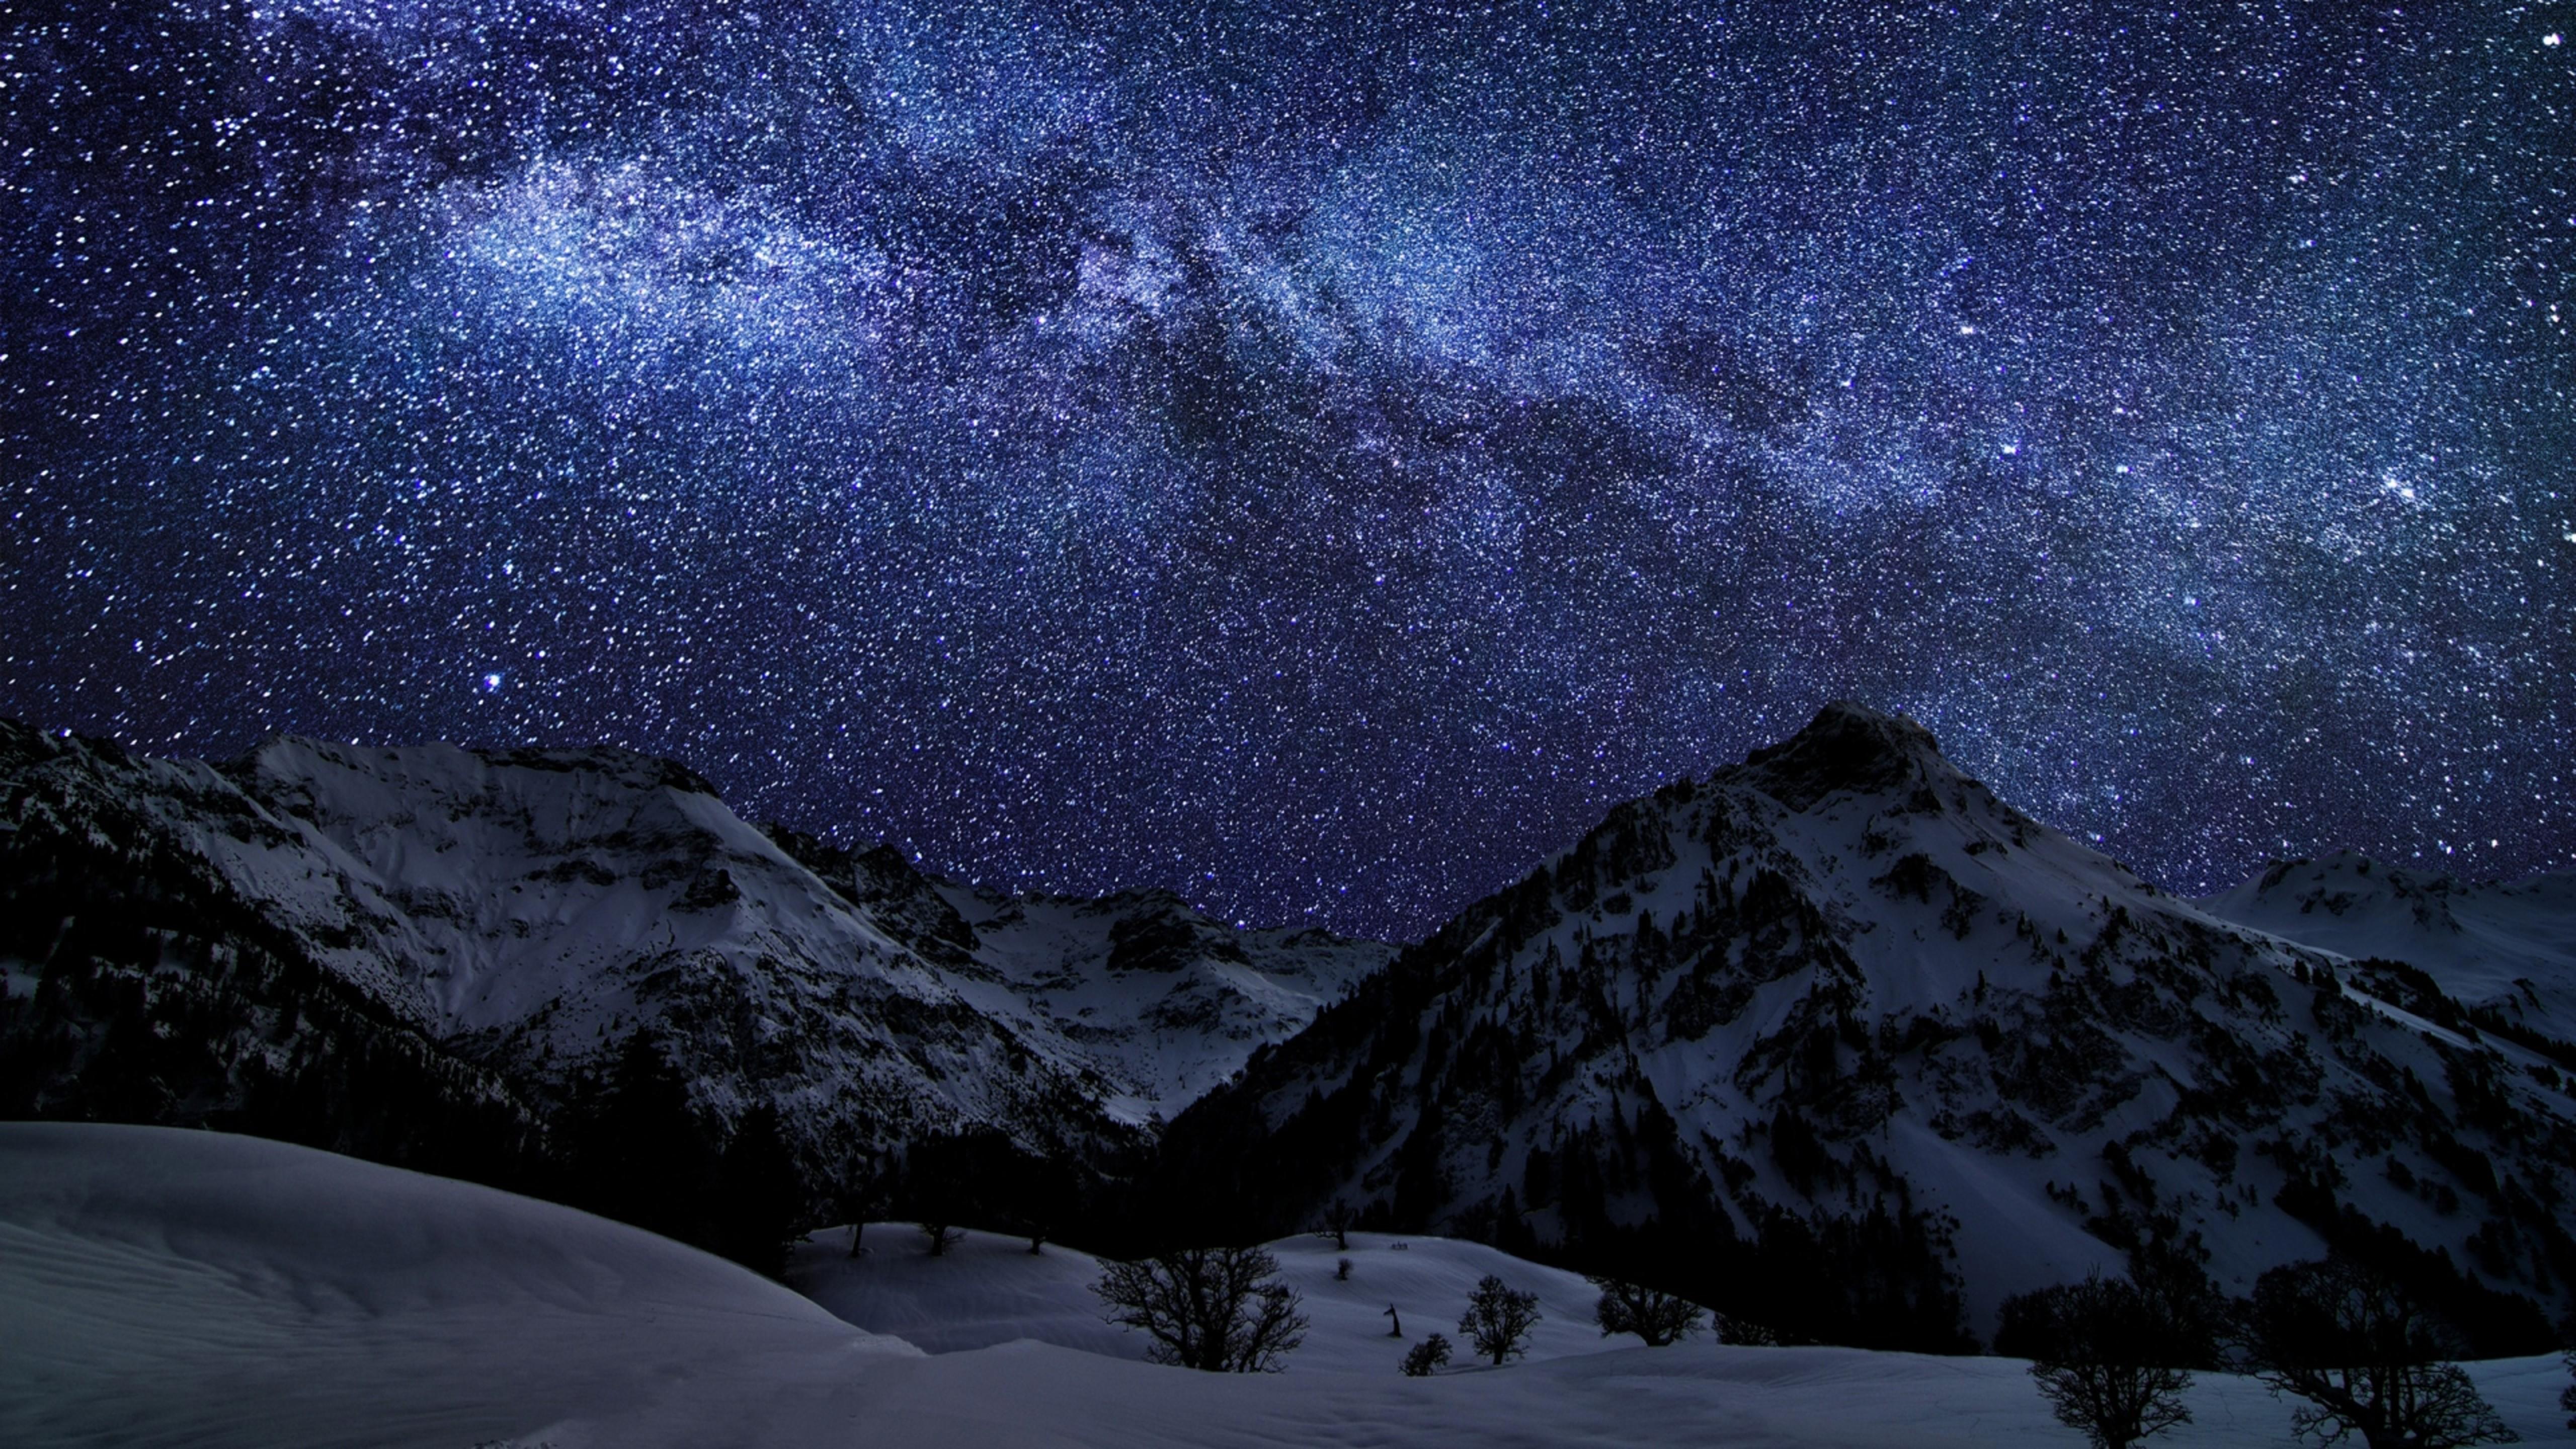 природа космос горы скалы небо звезды ночь  № 851880 загрузить